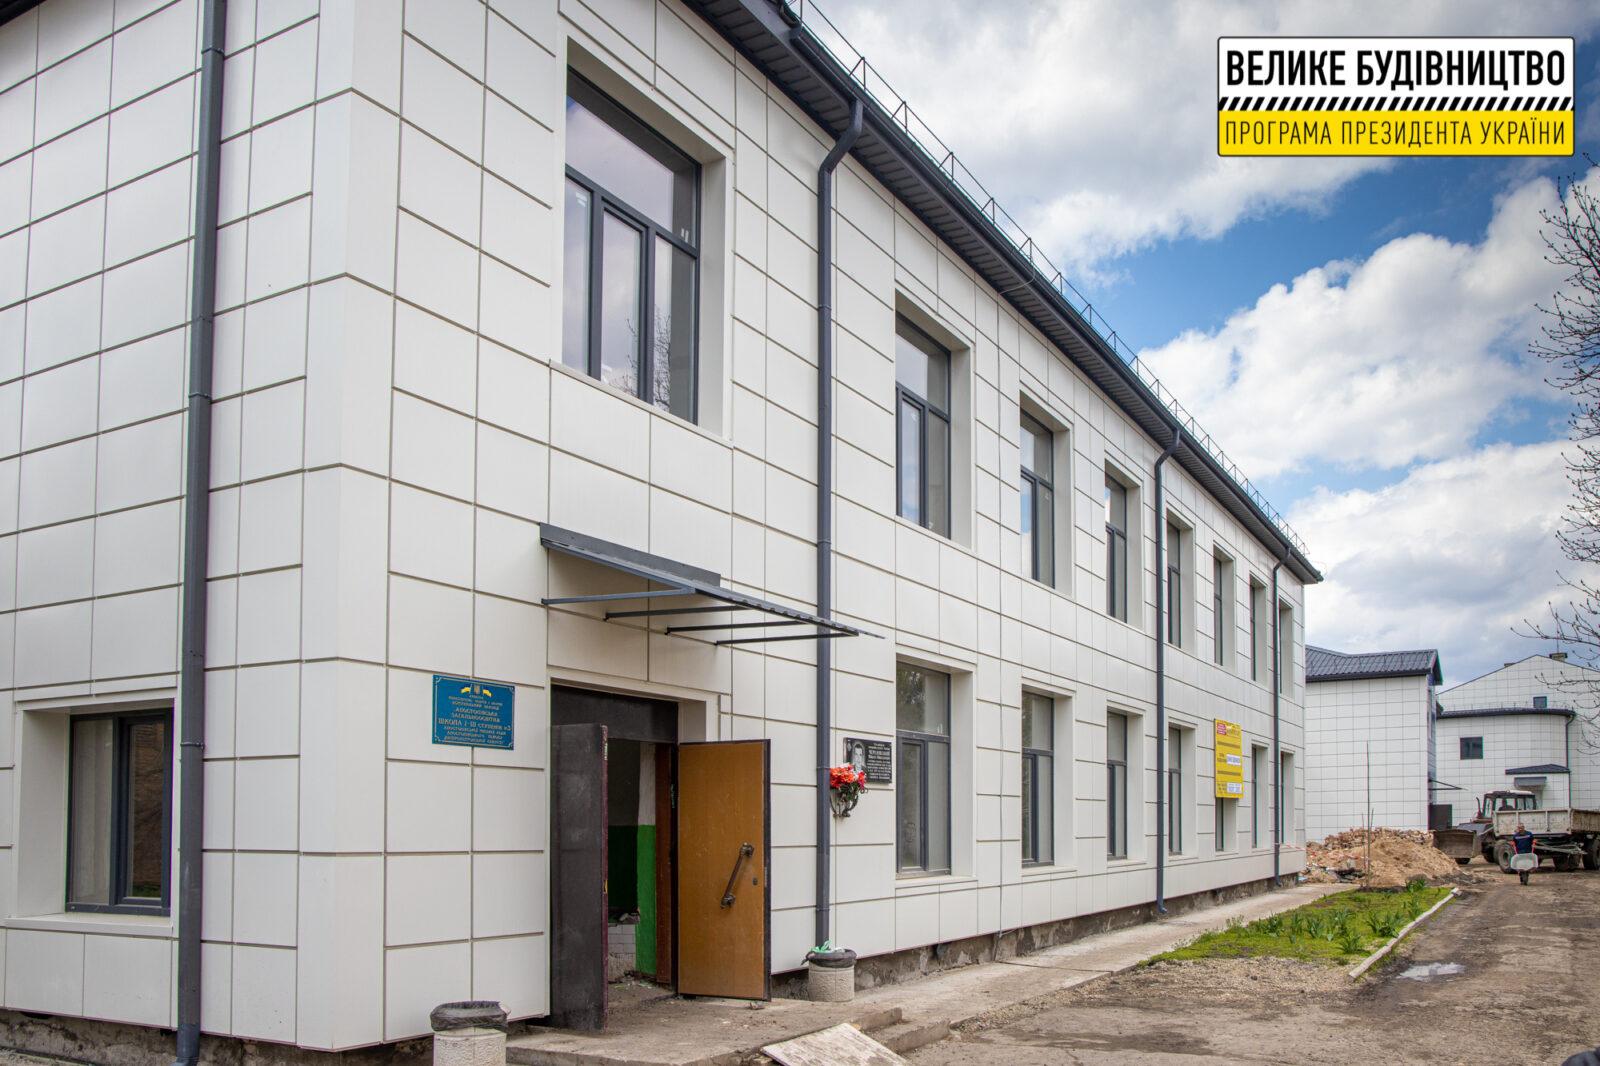 В Апостоловому осучаснюють найстаріший корпус школи №3 | Дніпропетровська обласна державна адміністрація